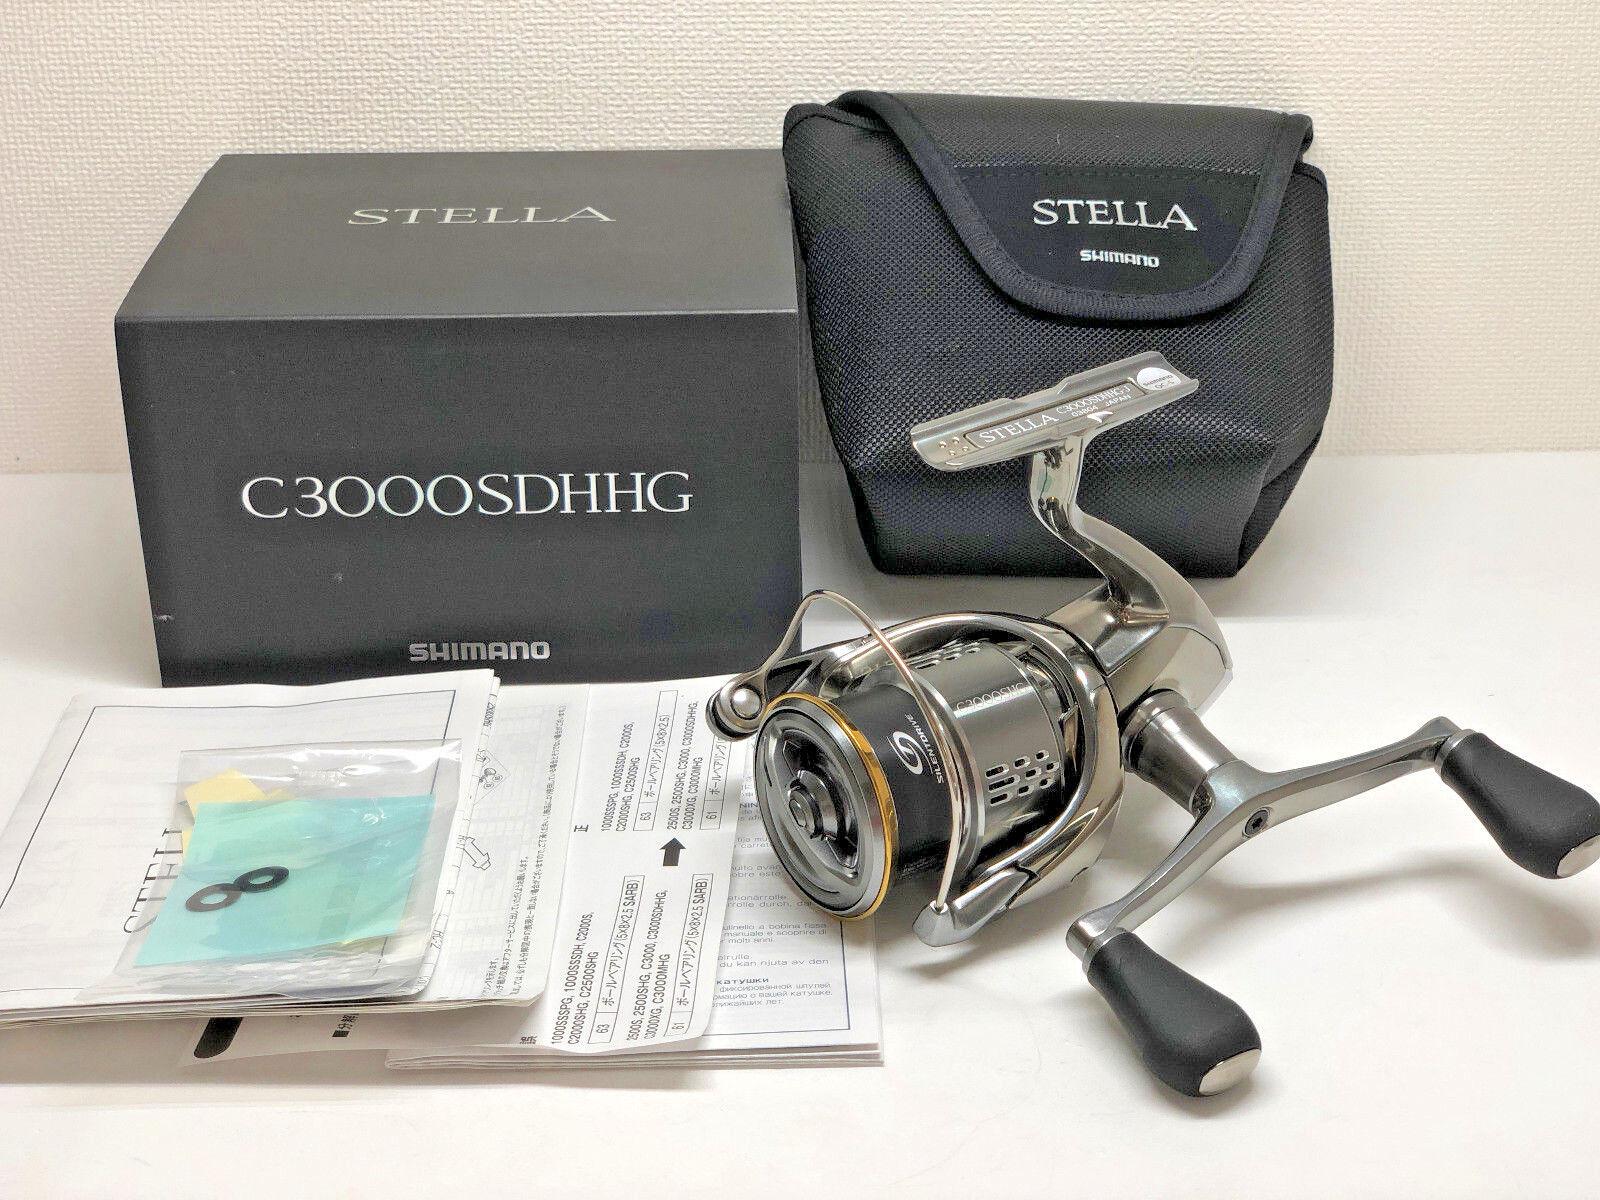 Shimano 18 Stella C 3000 sdhhg-Envío gratuito desde Japón